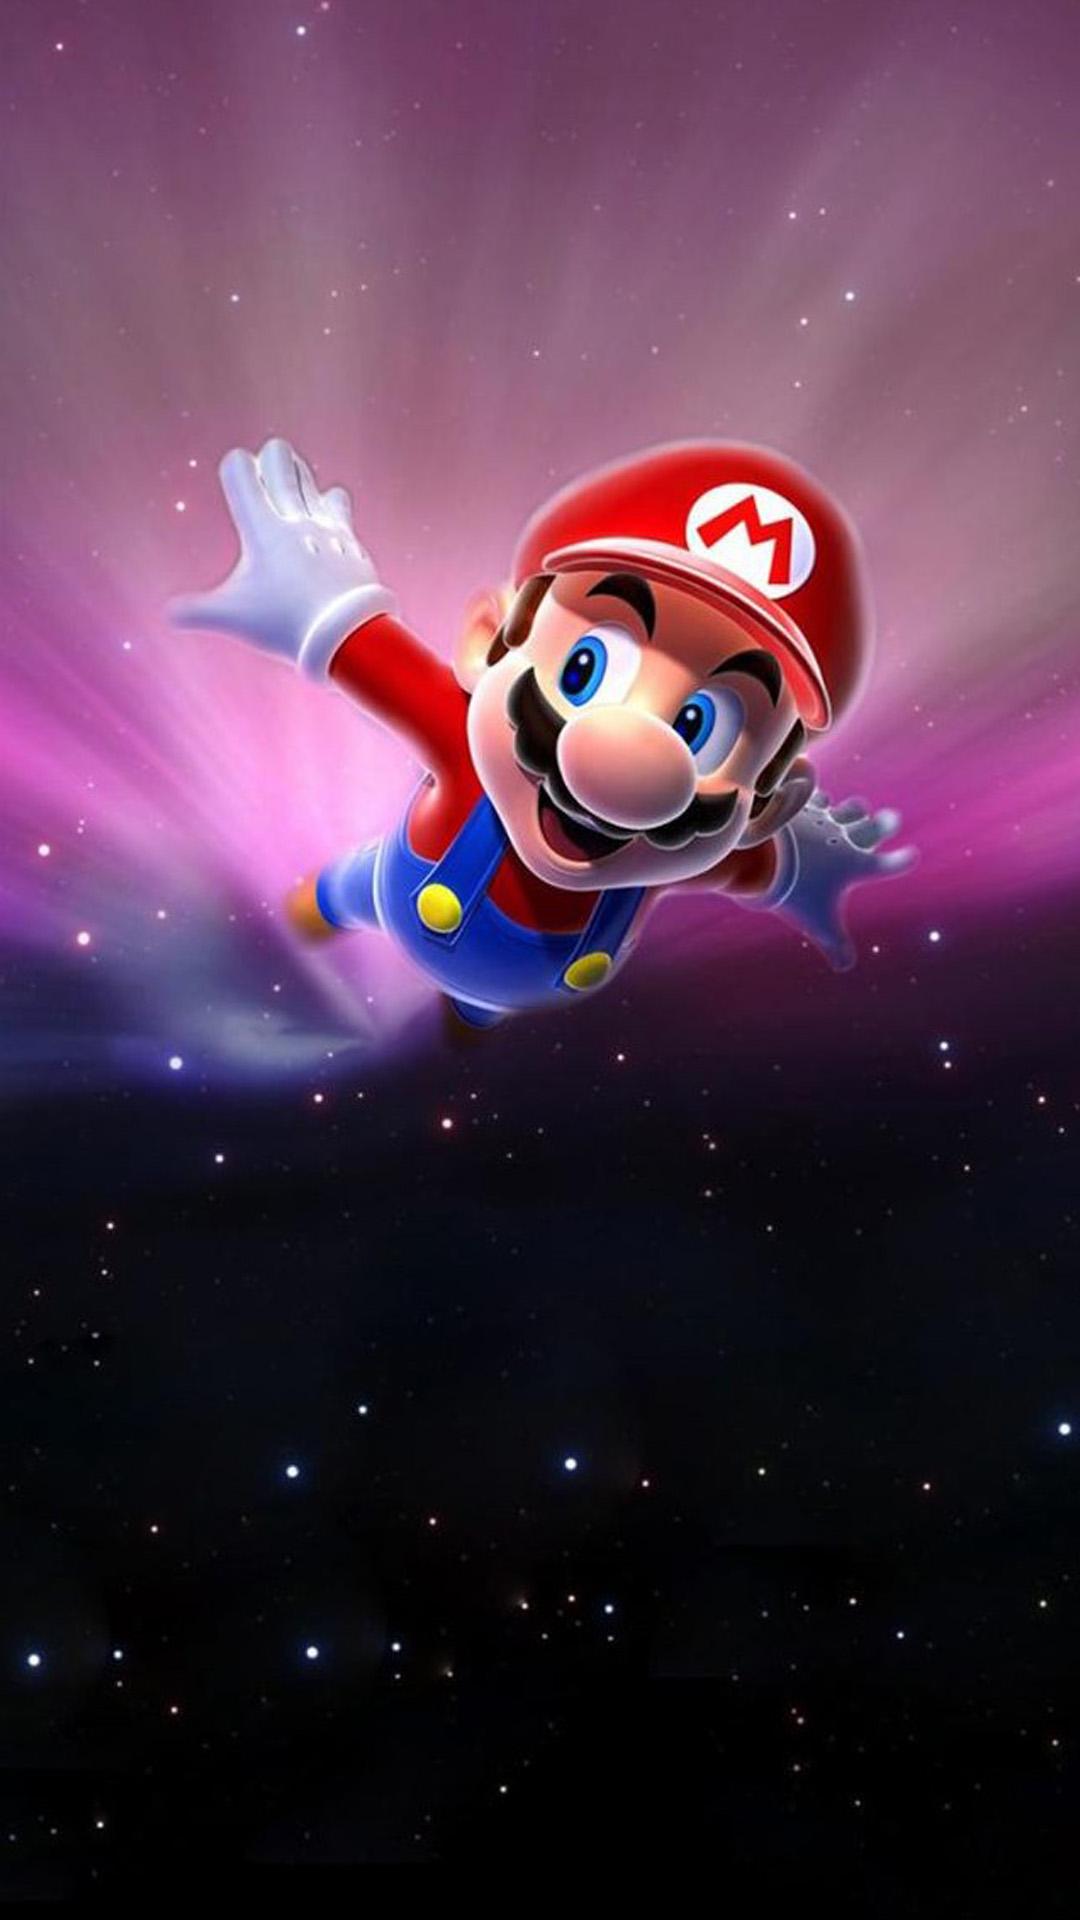 Super Mario Space